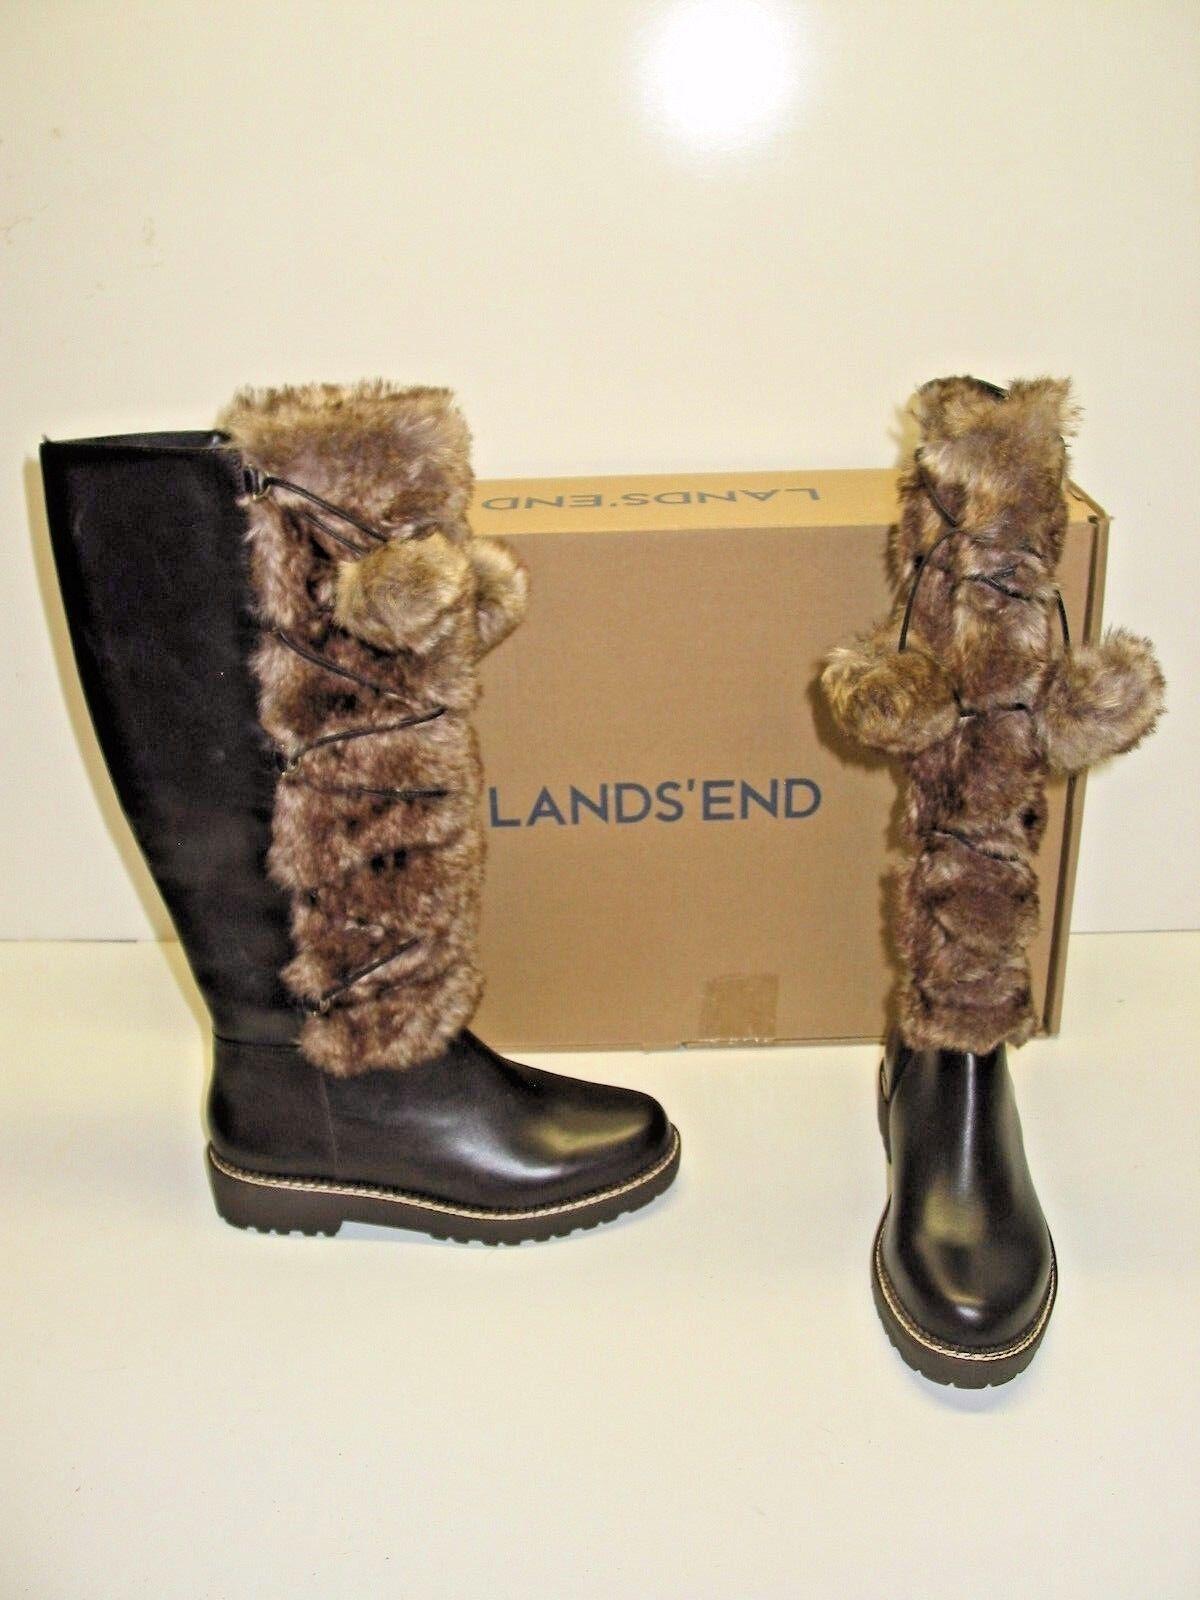 Lands End Long marron Leather Faux Fur Low Heel Lace Up chaussures bottes femmes 7.5